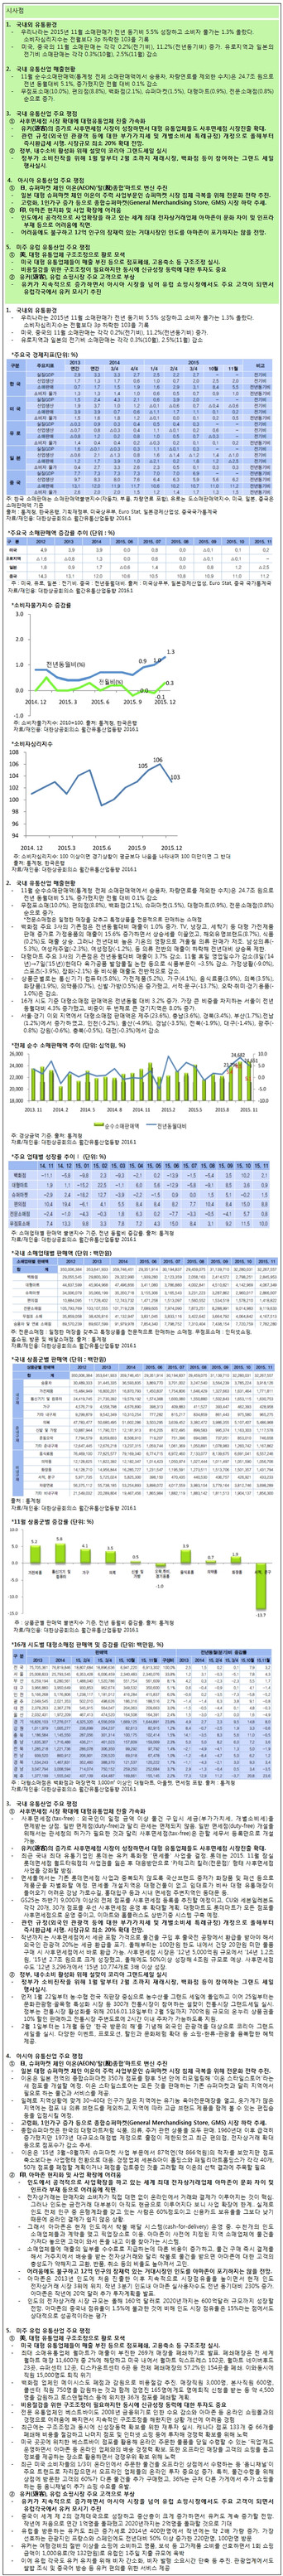 [지식정보] 국내외 유통산업동향 2015.11